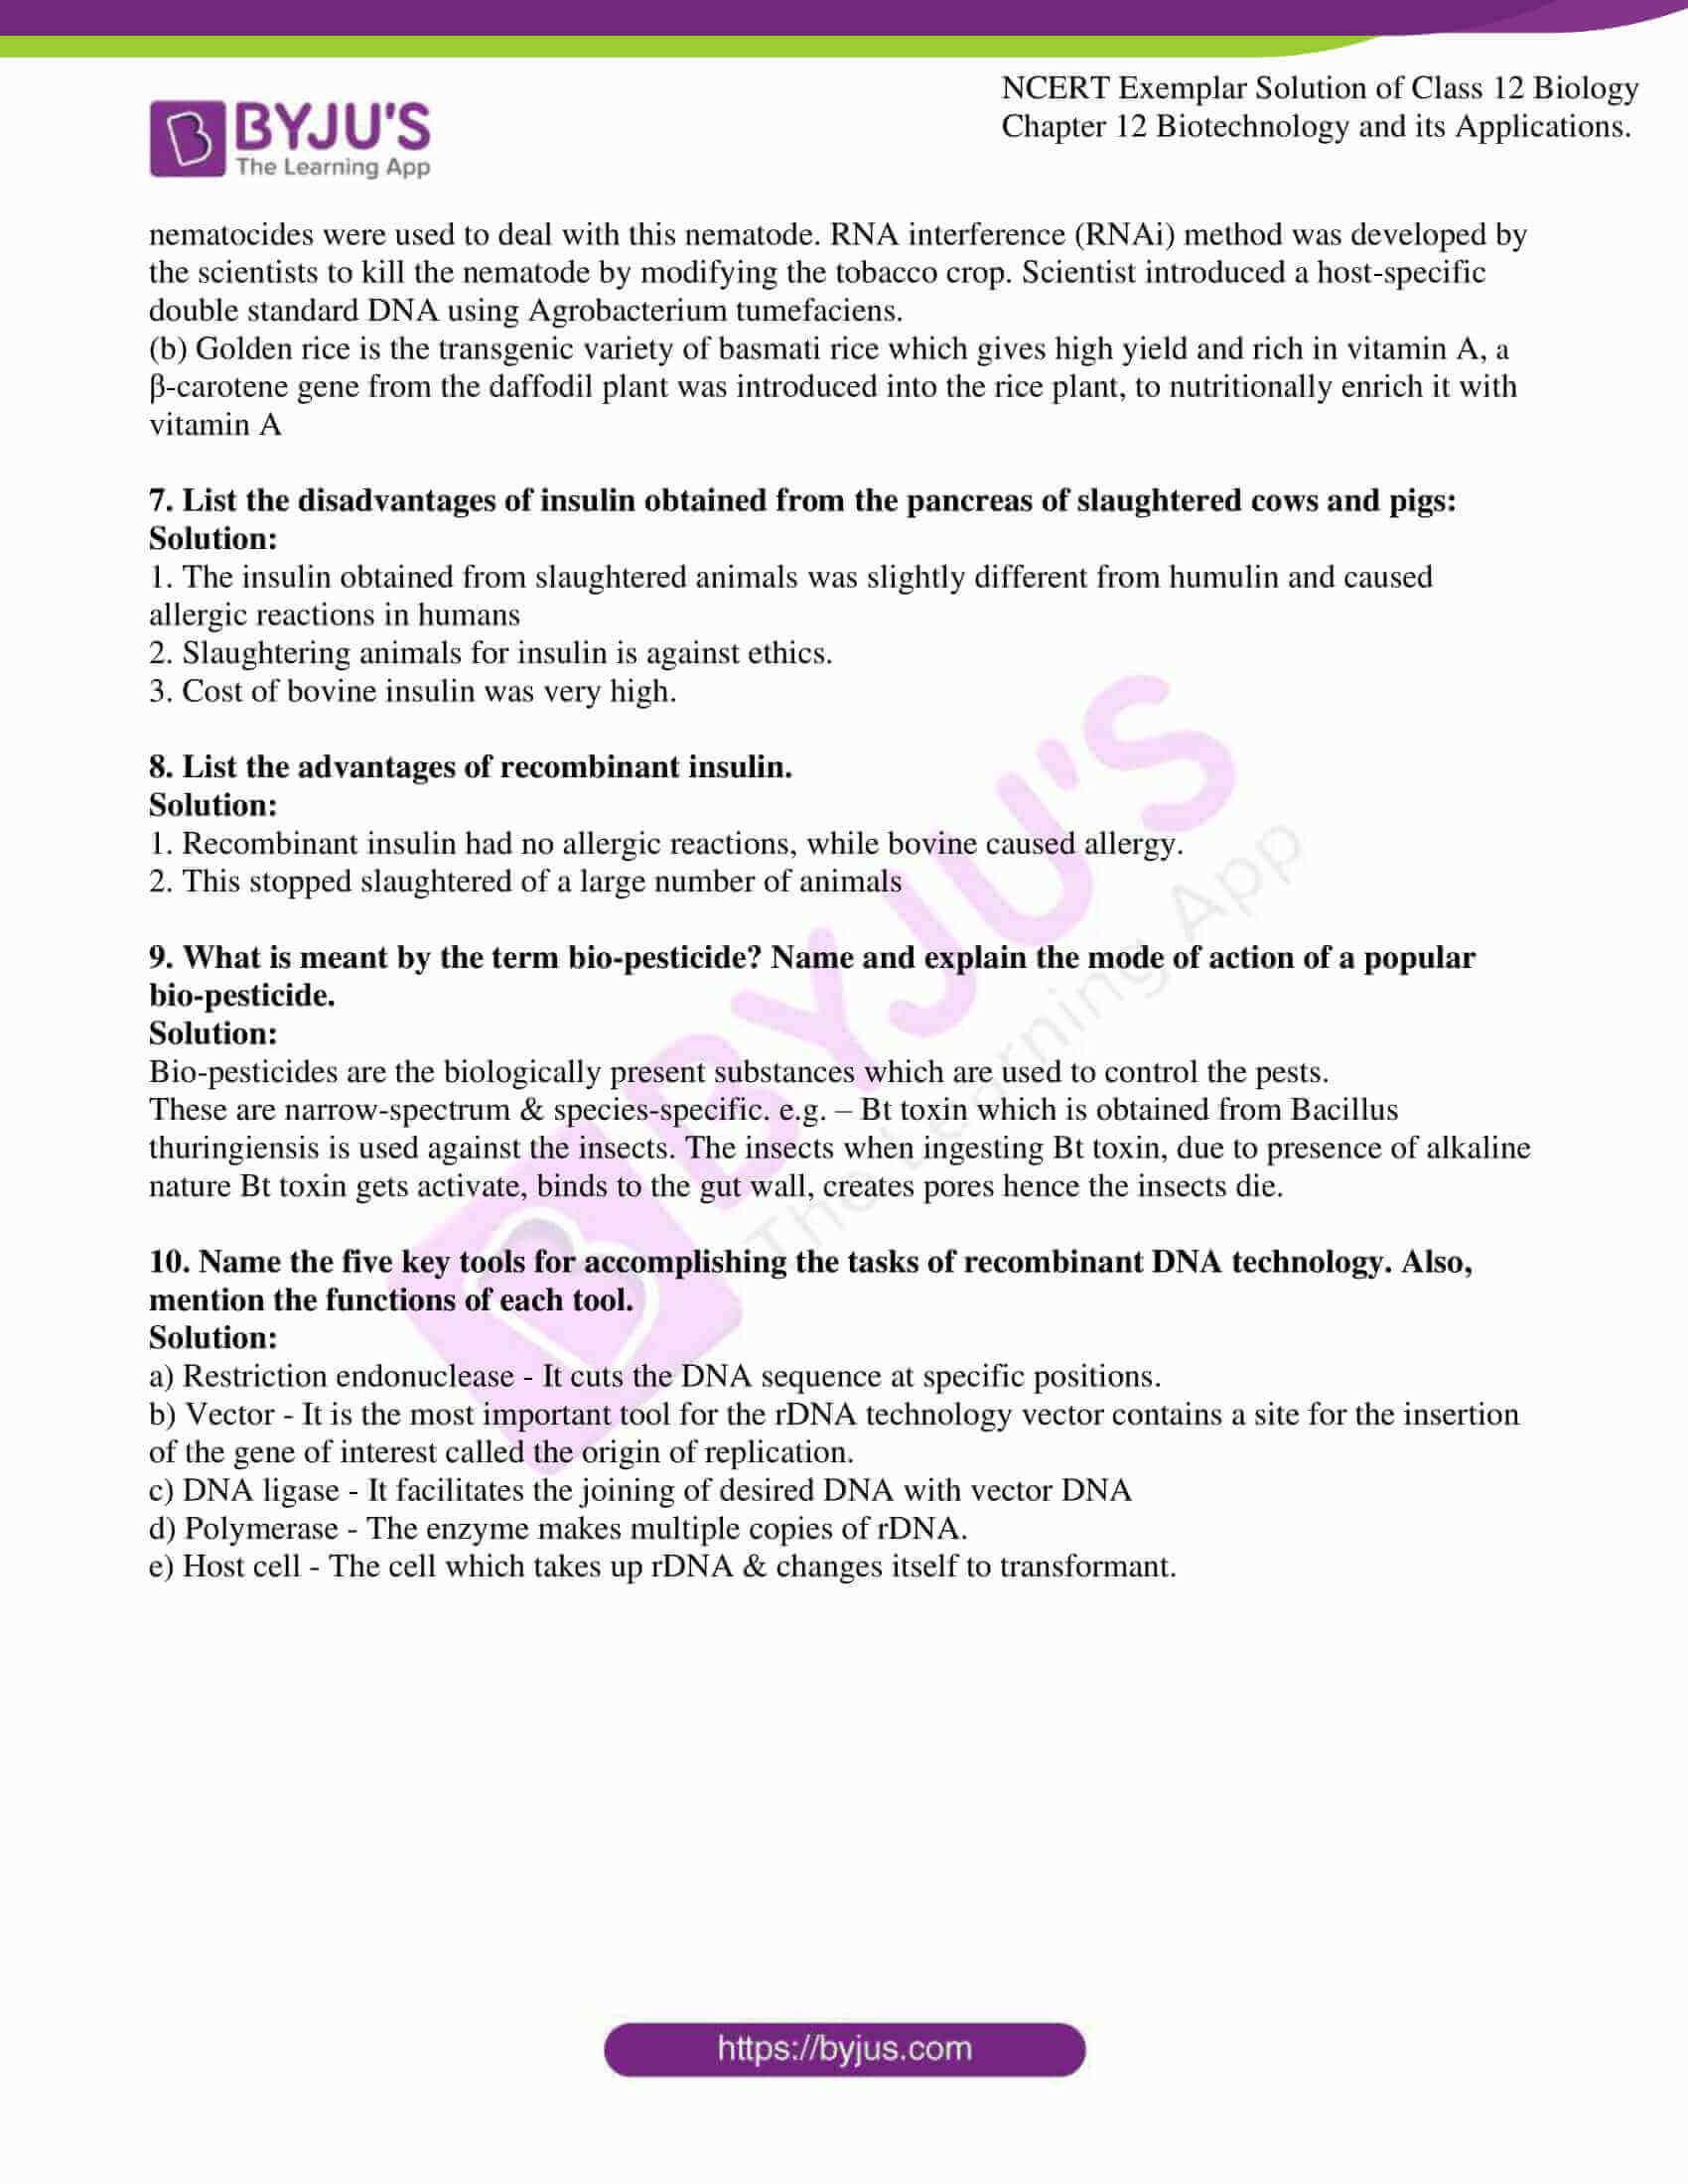 ncert exemplar solution of class 12 biology chapter 12. 10